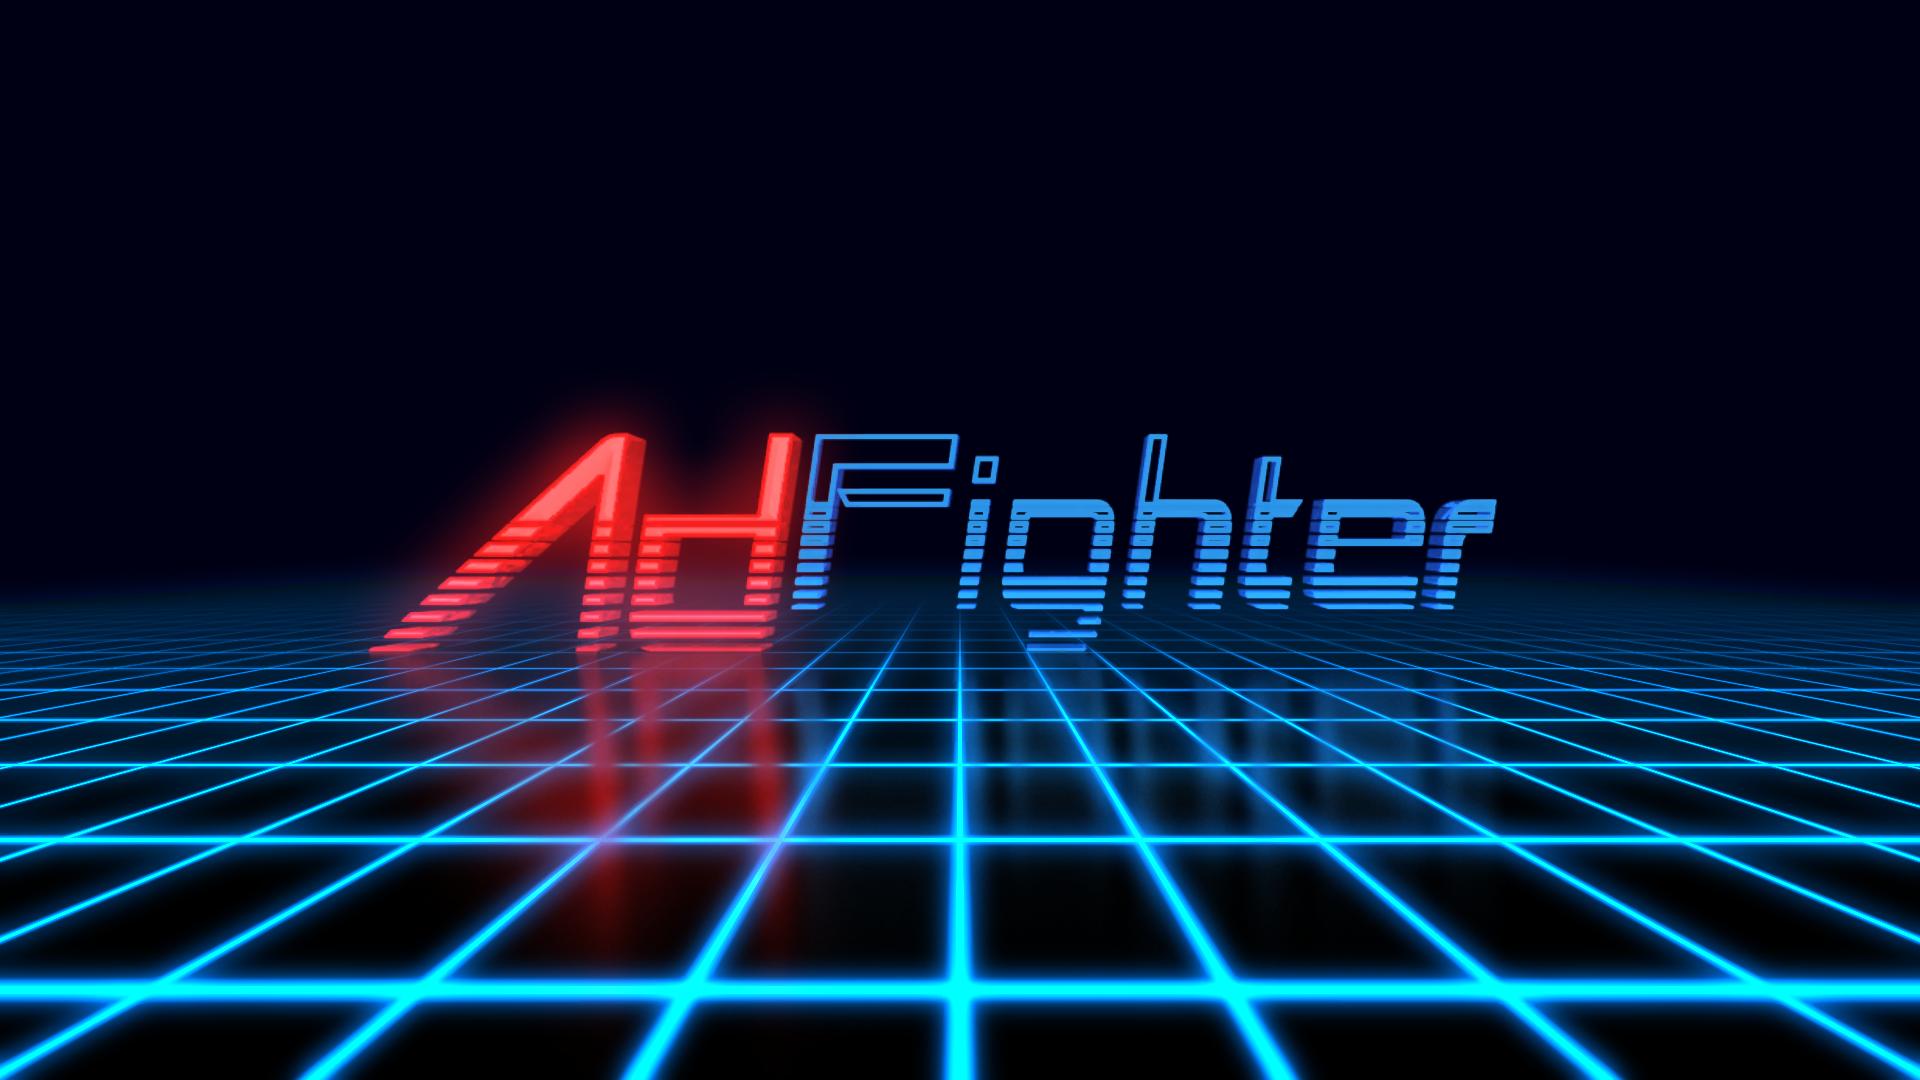 AdFighter